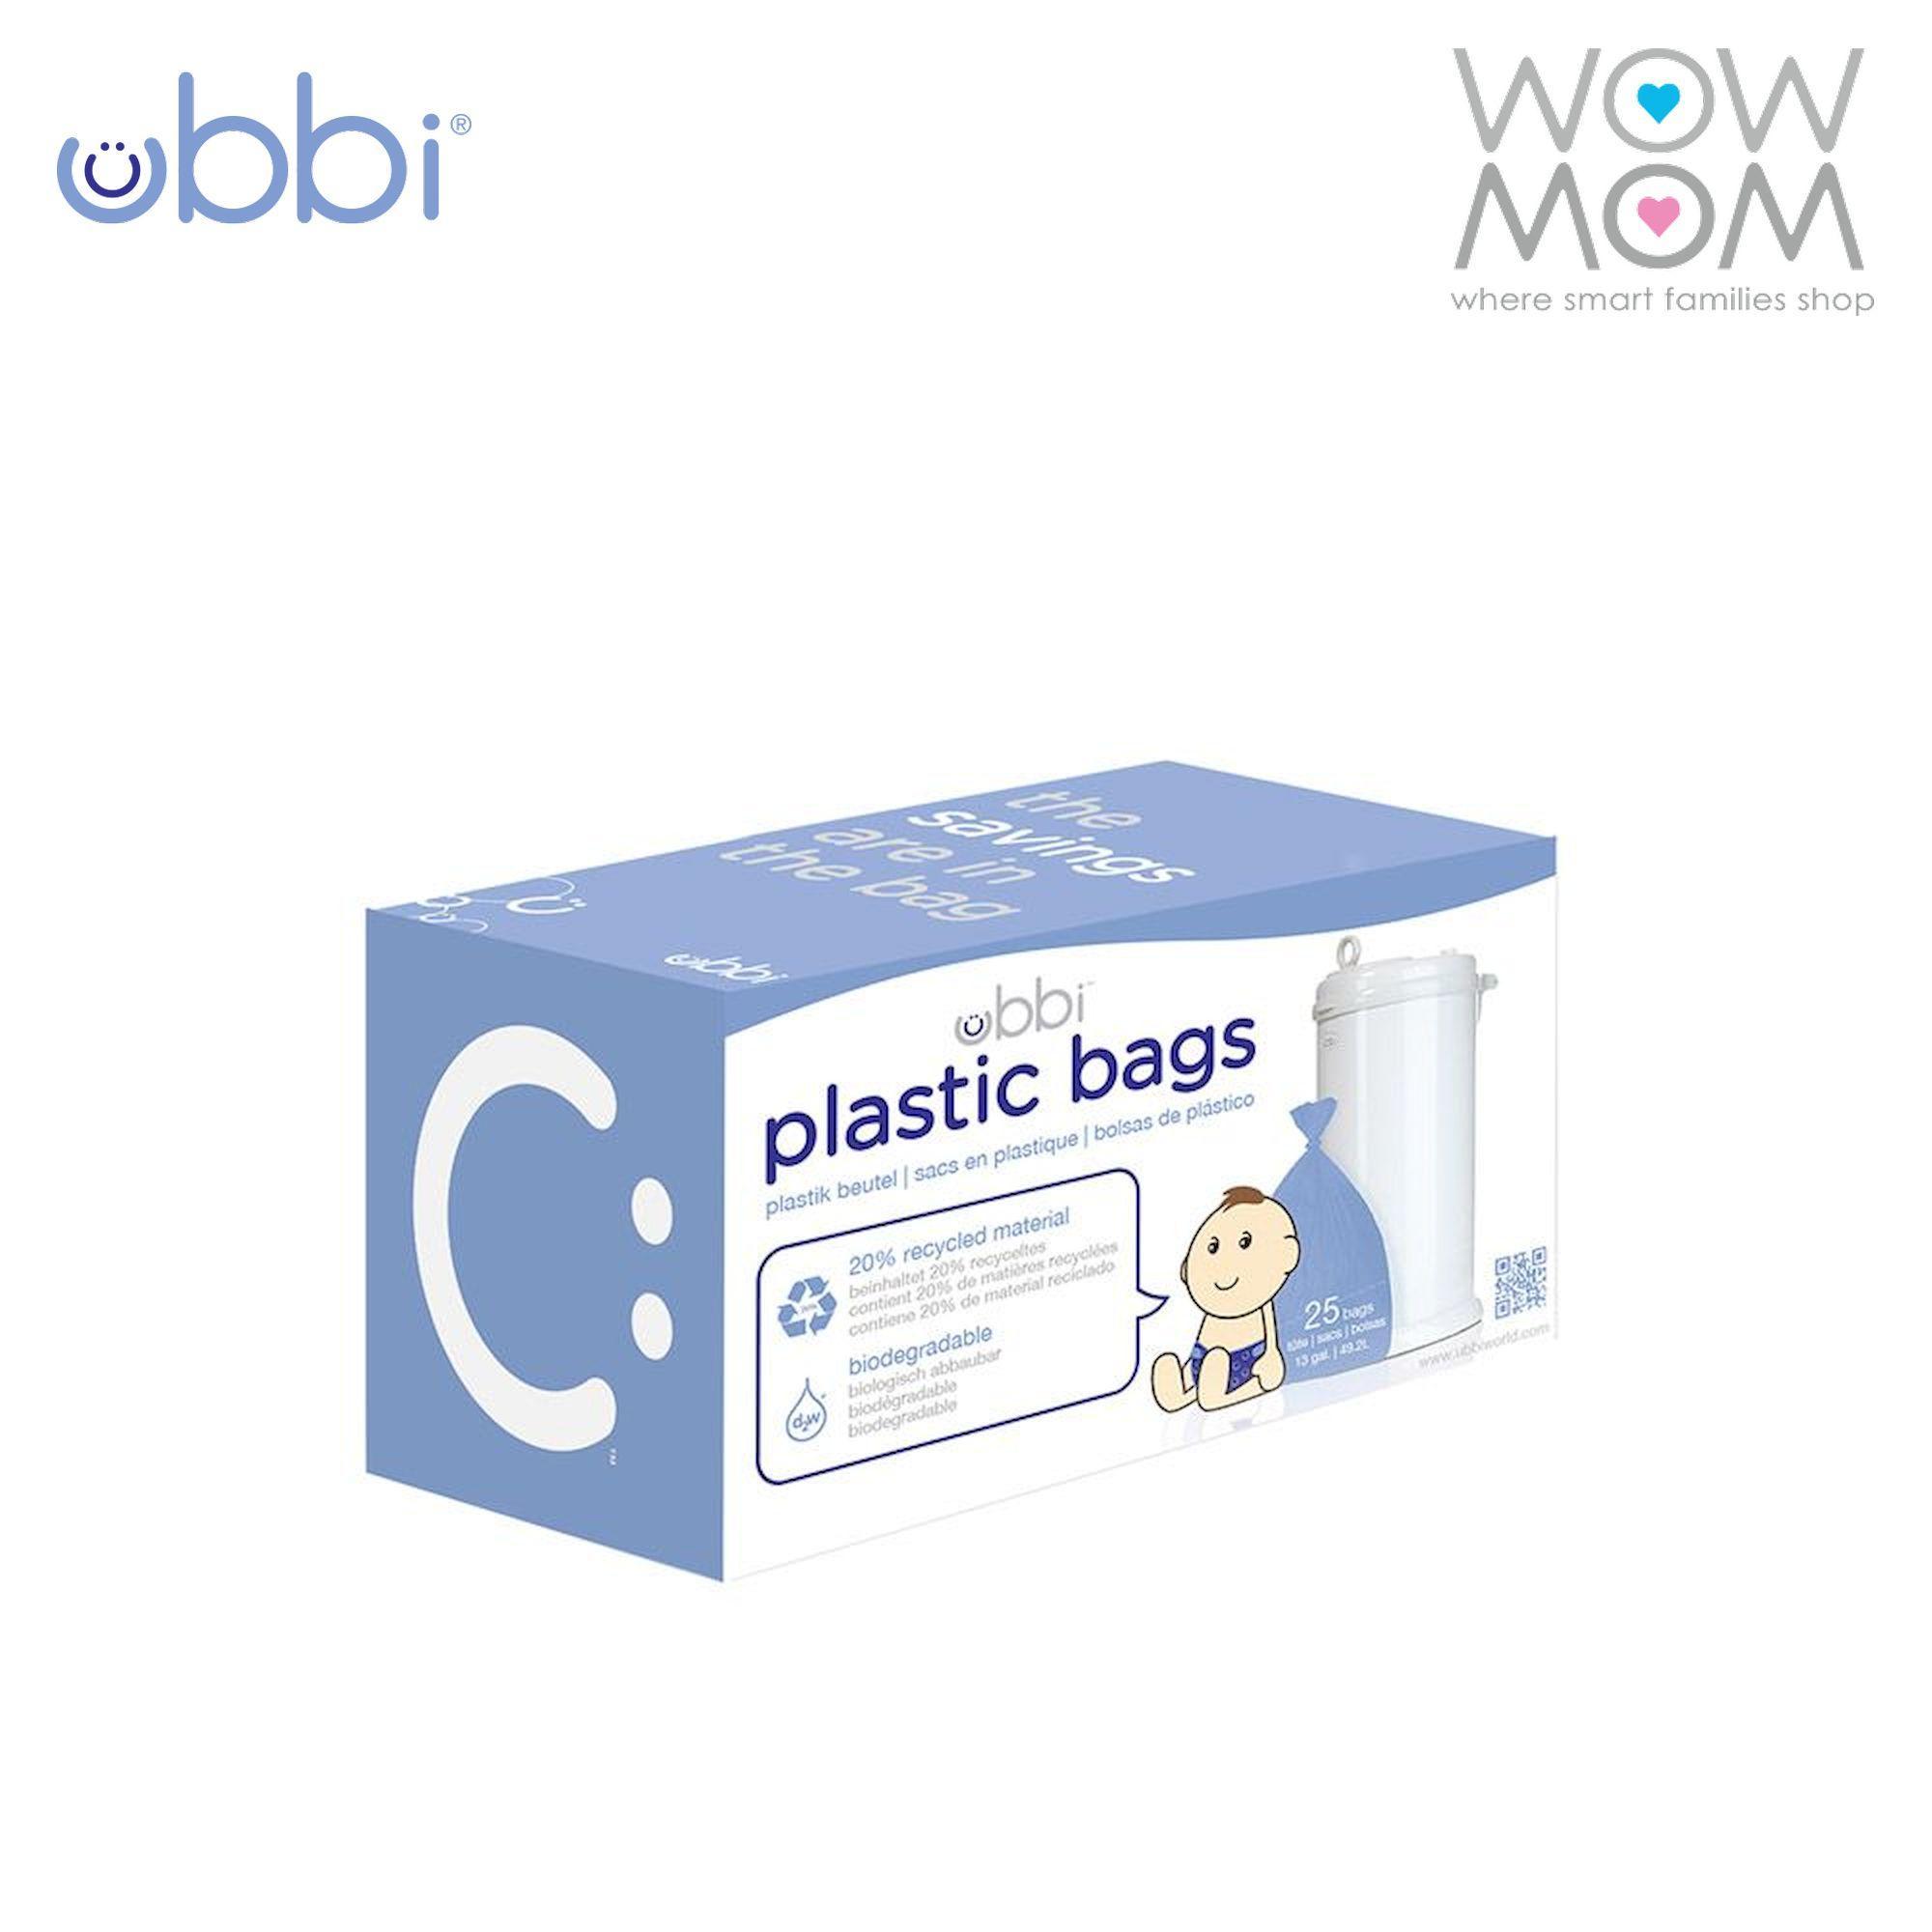 Ubbi Plastic Bags (49.2l) - 25 Pcs By Wowmom.